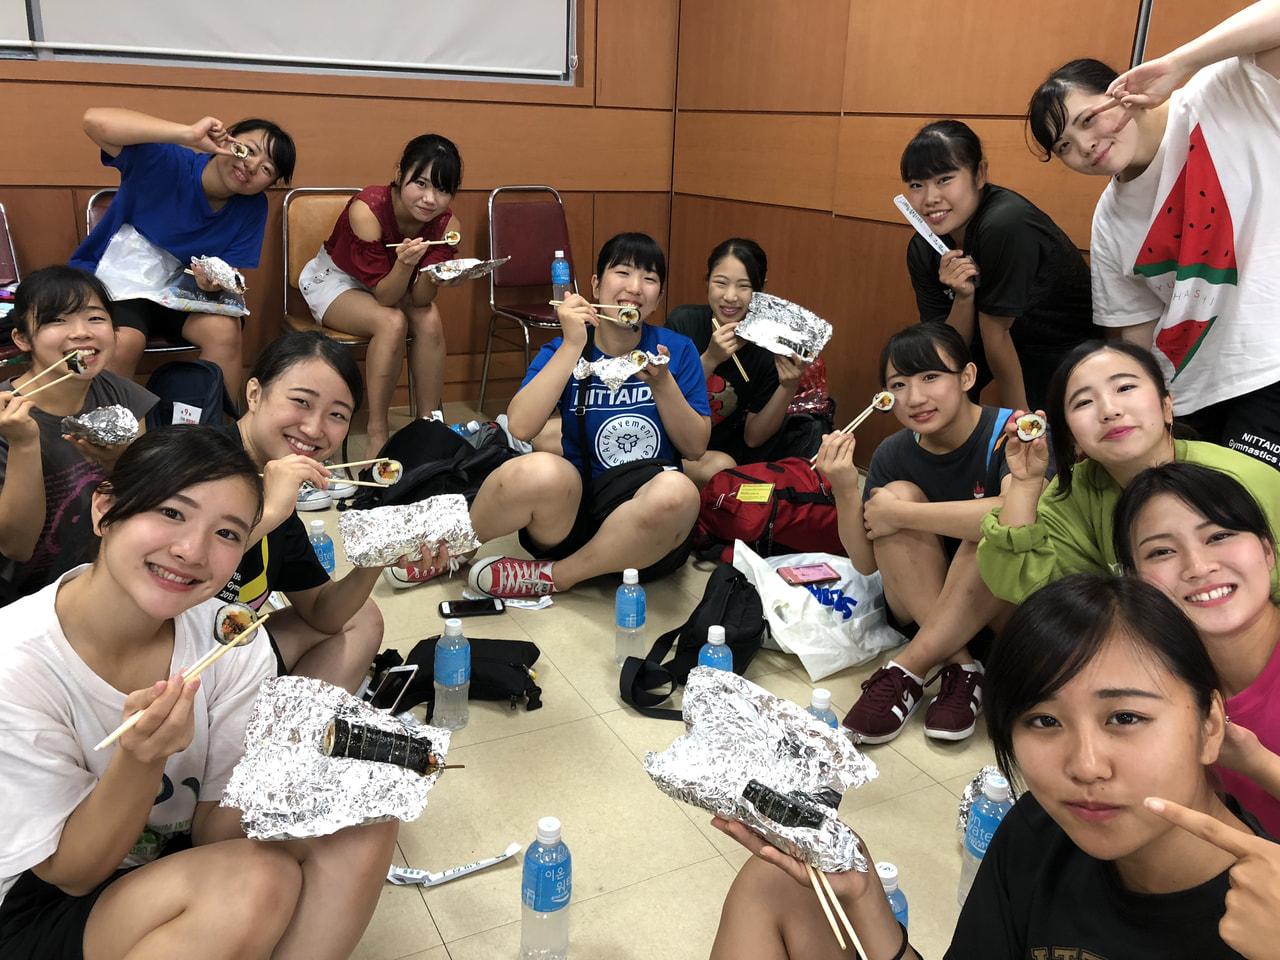 韓国での活動 Day4